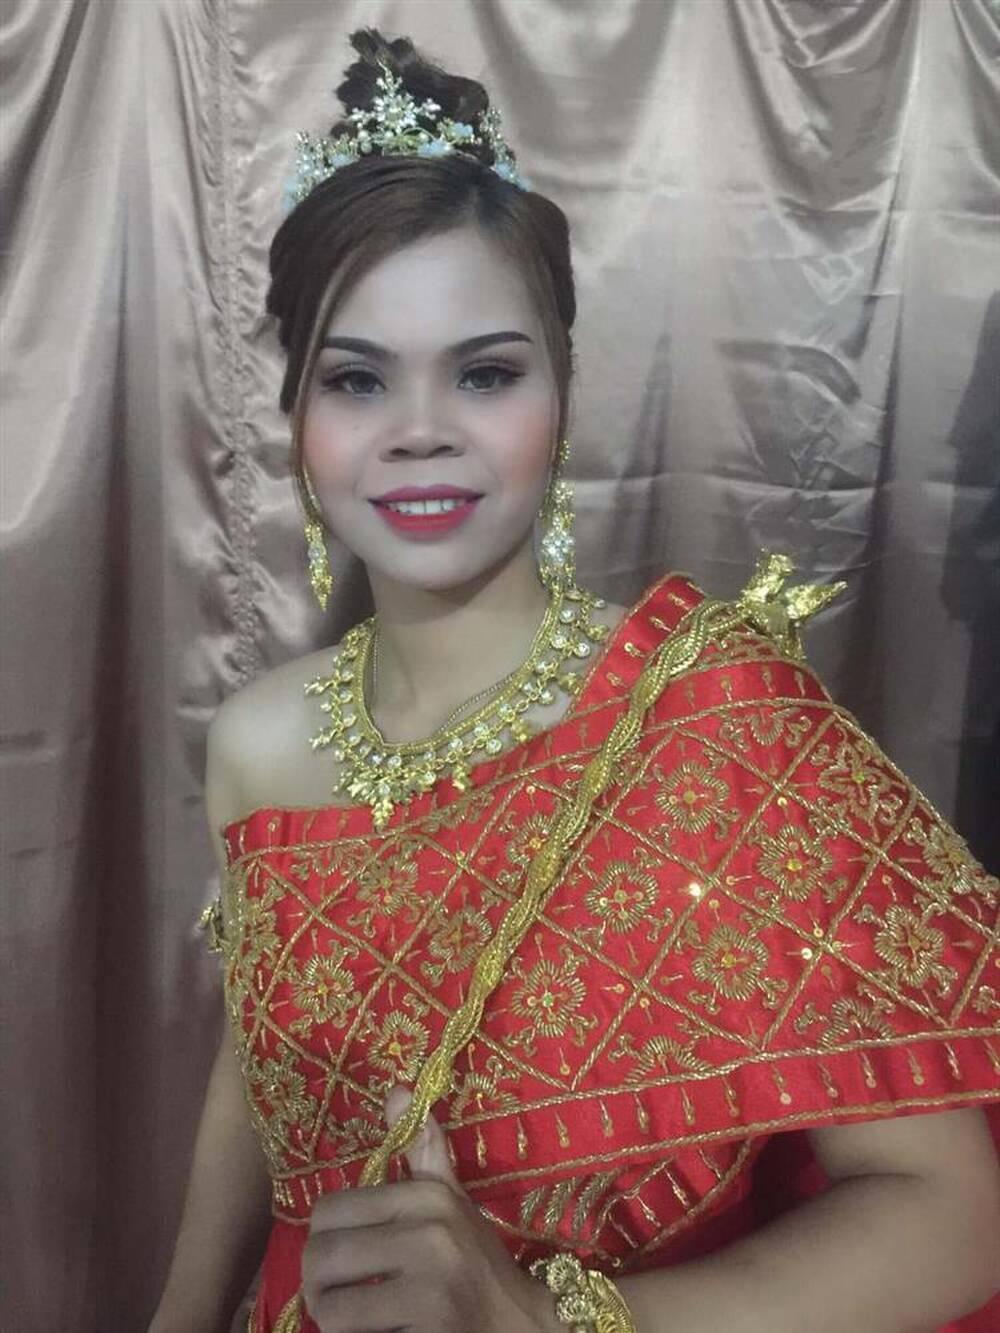 'Bản sao Quỳnh Trần JP' xuất hiện tại lễ cưới của 'Hotgirl quận Cam' Thúy Diễm khiến dân mạng ngỡ ngàng Ảnh 4